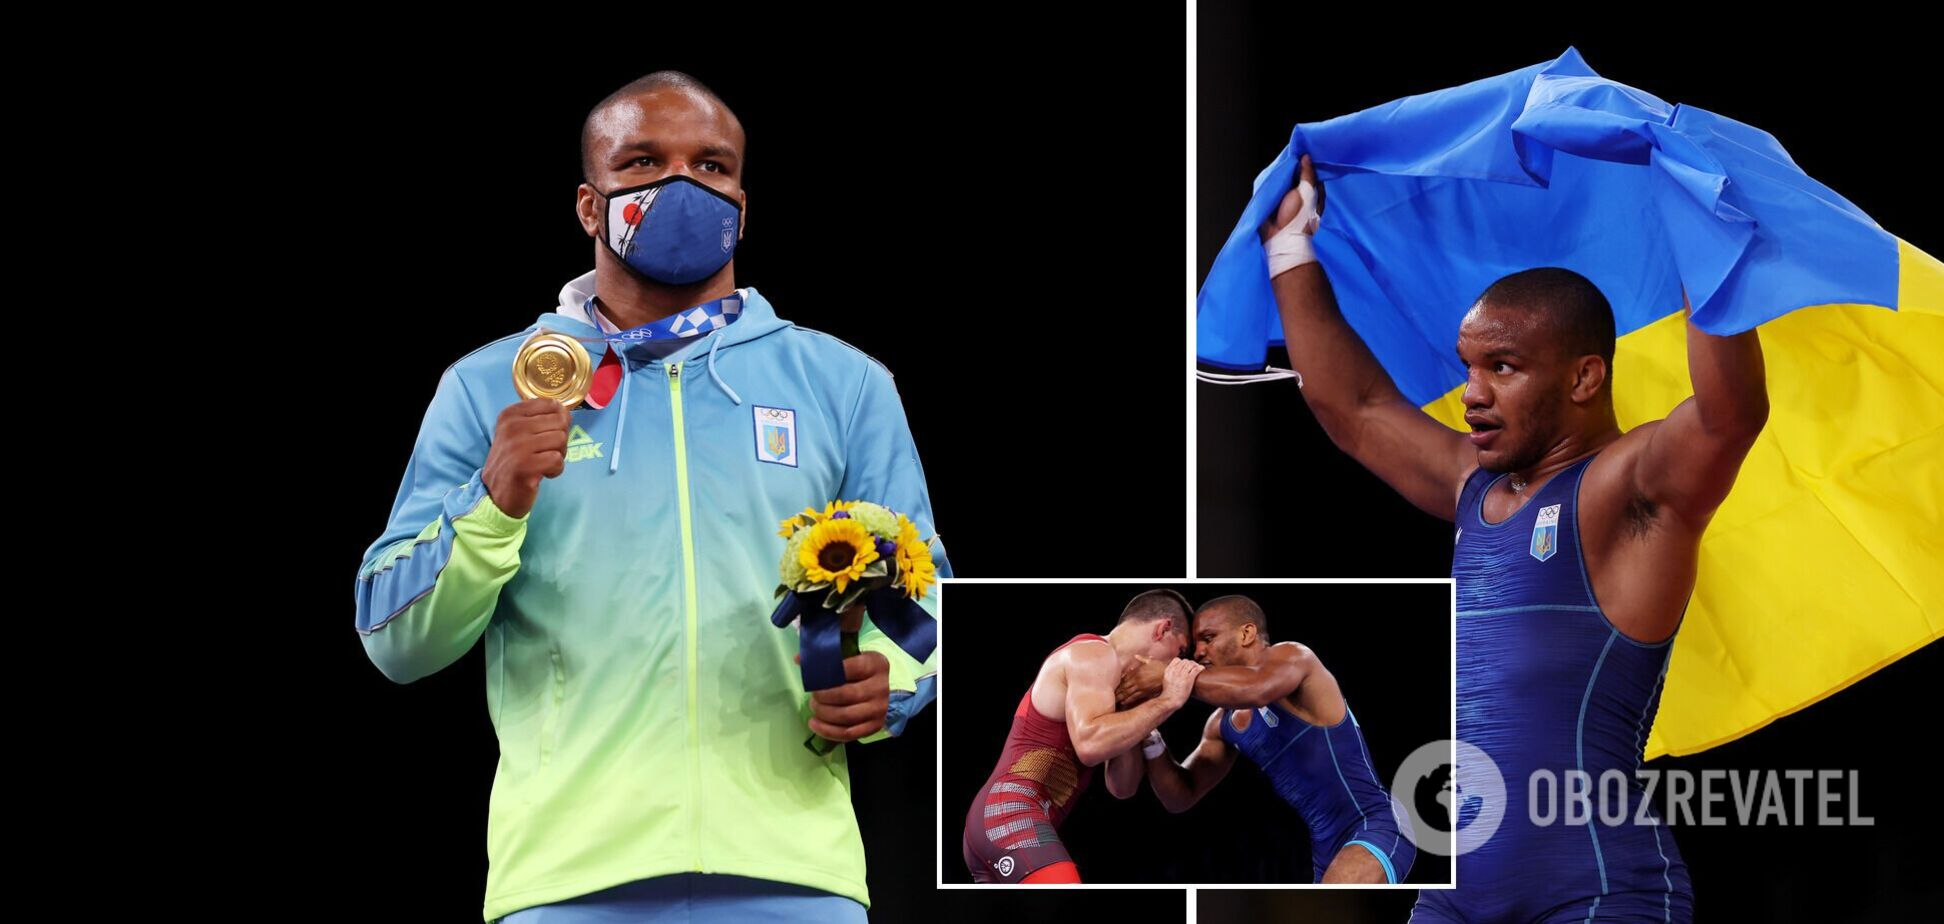 Станцевал гопак, расплакался и спел гимн: как Беленюк принес Украине первое 'золото' Олимпиады-2020